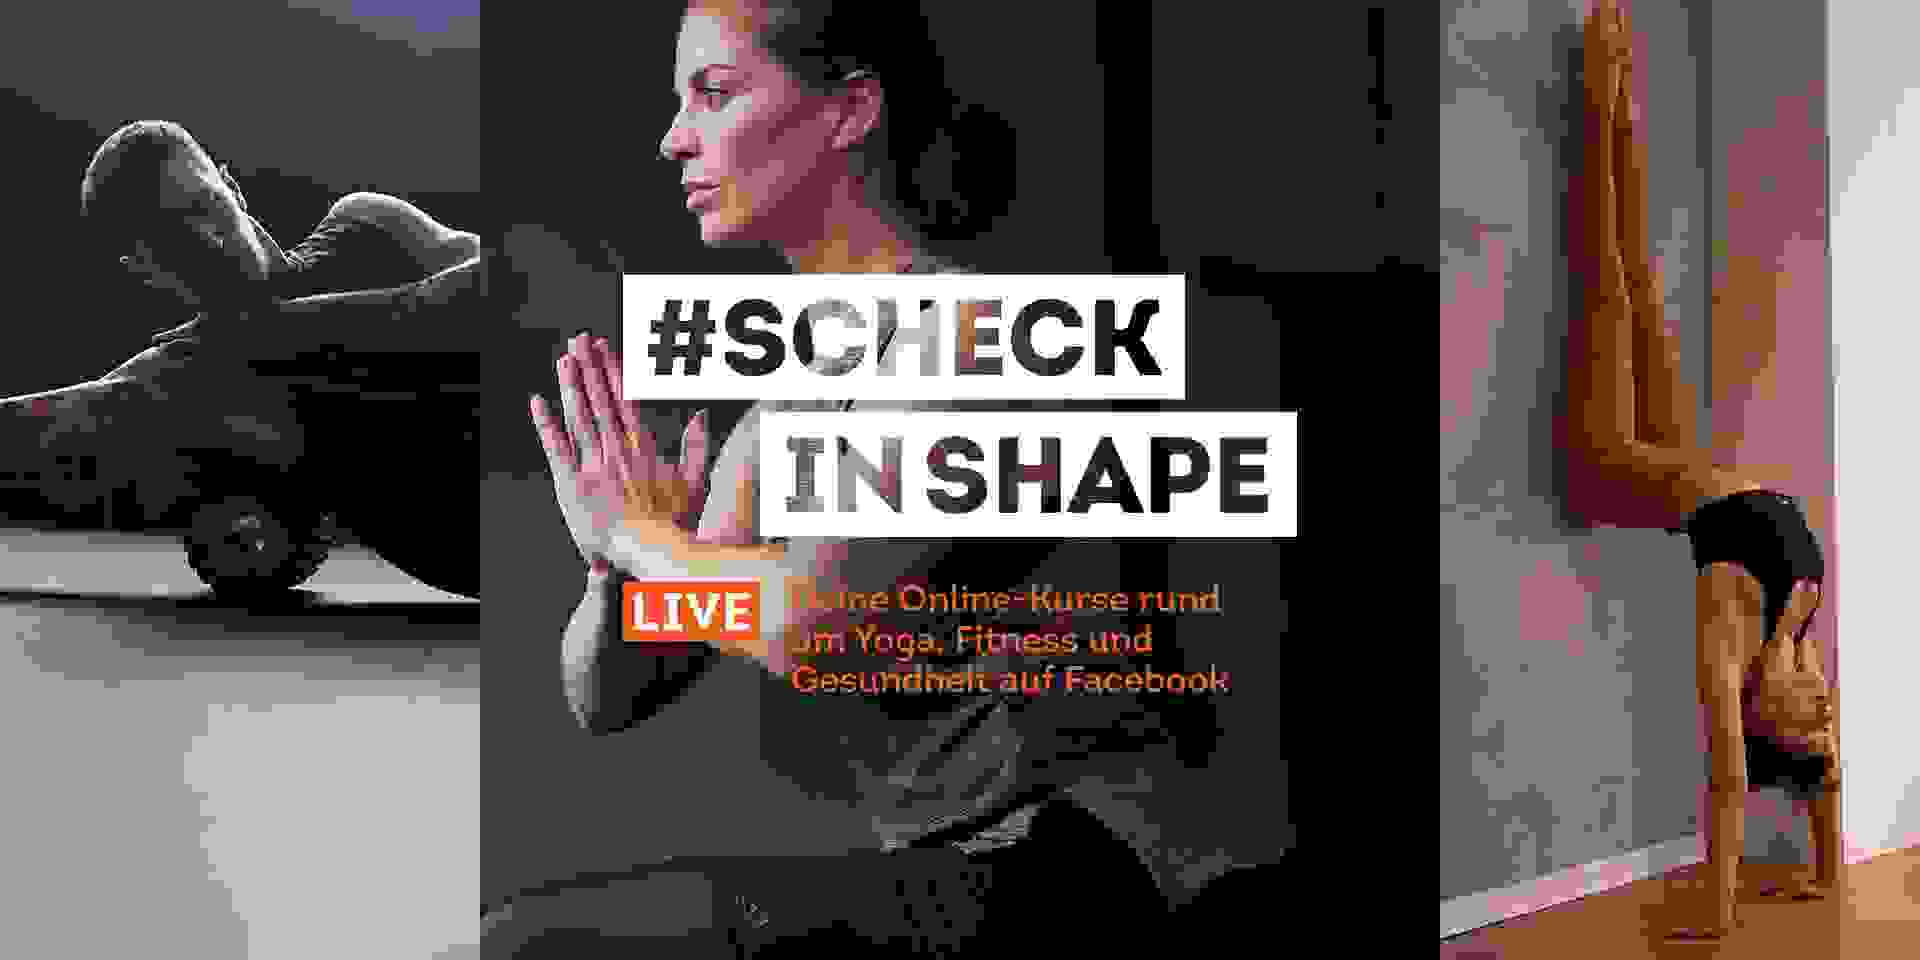 Online-Kurse rund um Yoga, Fitness und Gesundheit